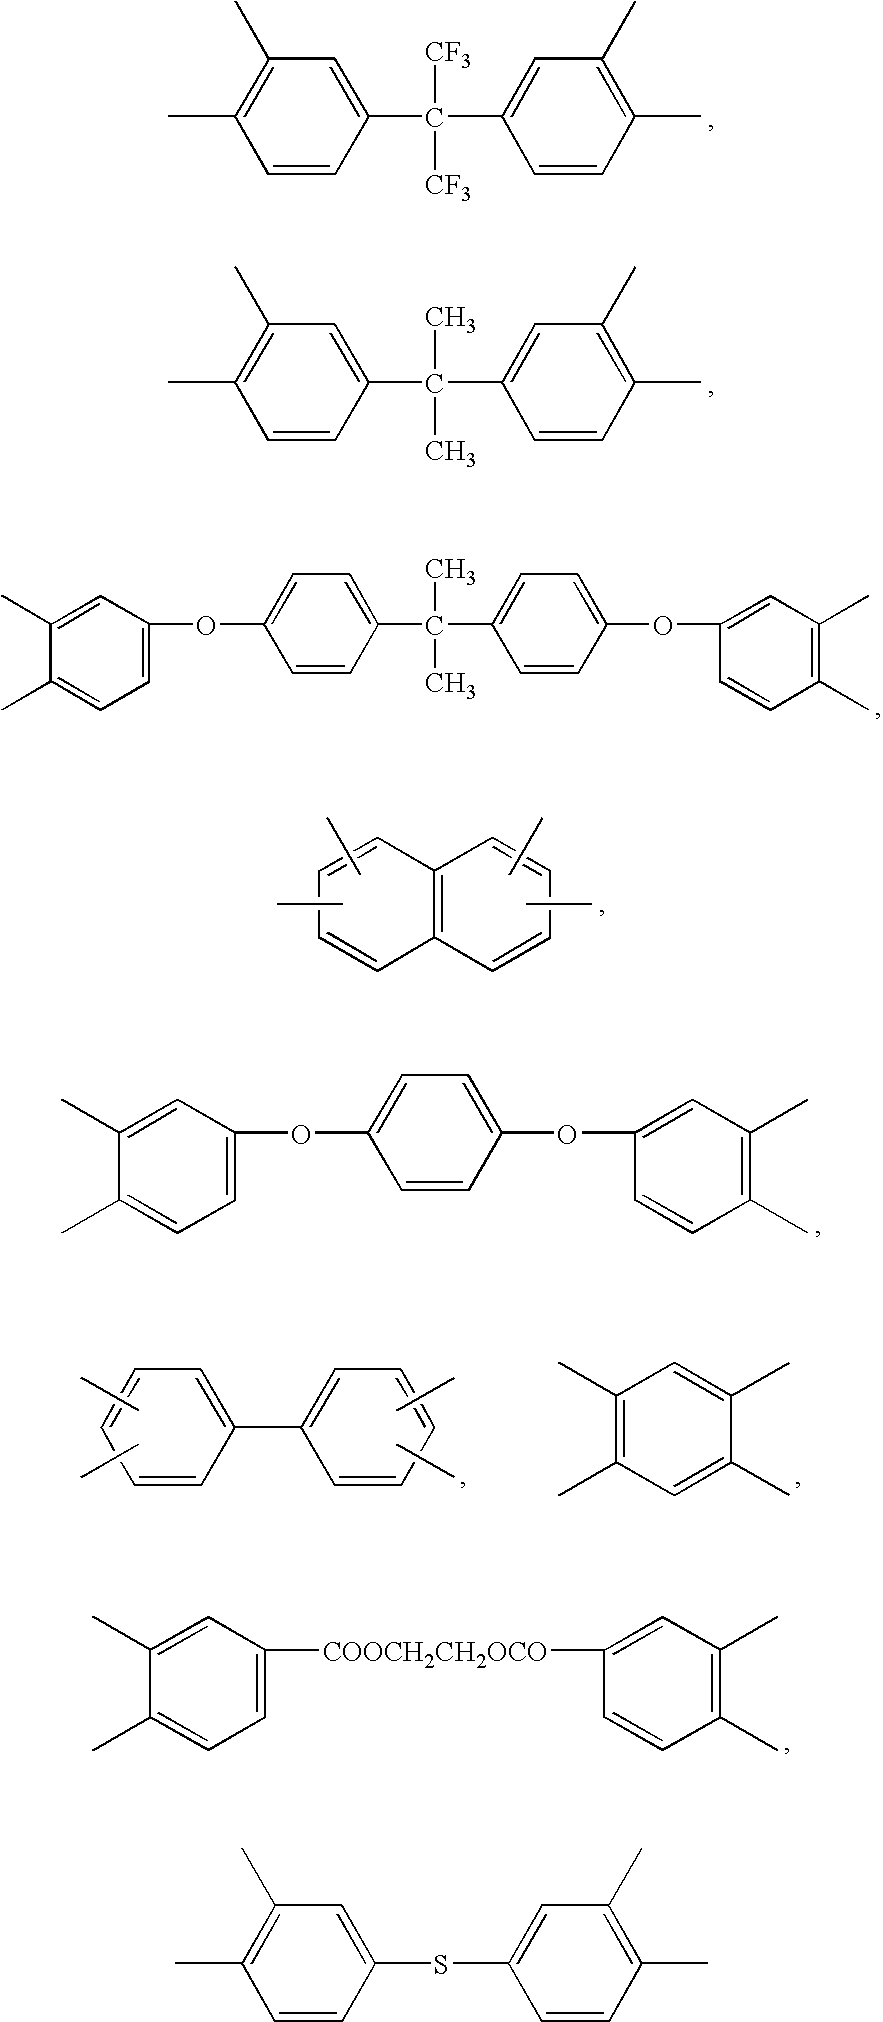 Figure US08127936-20120306-C00014